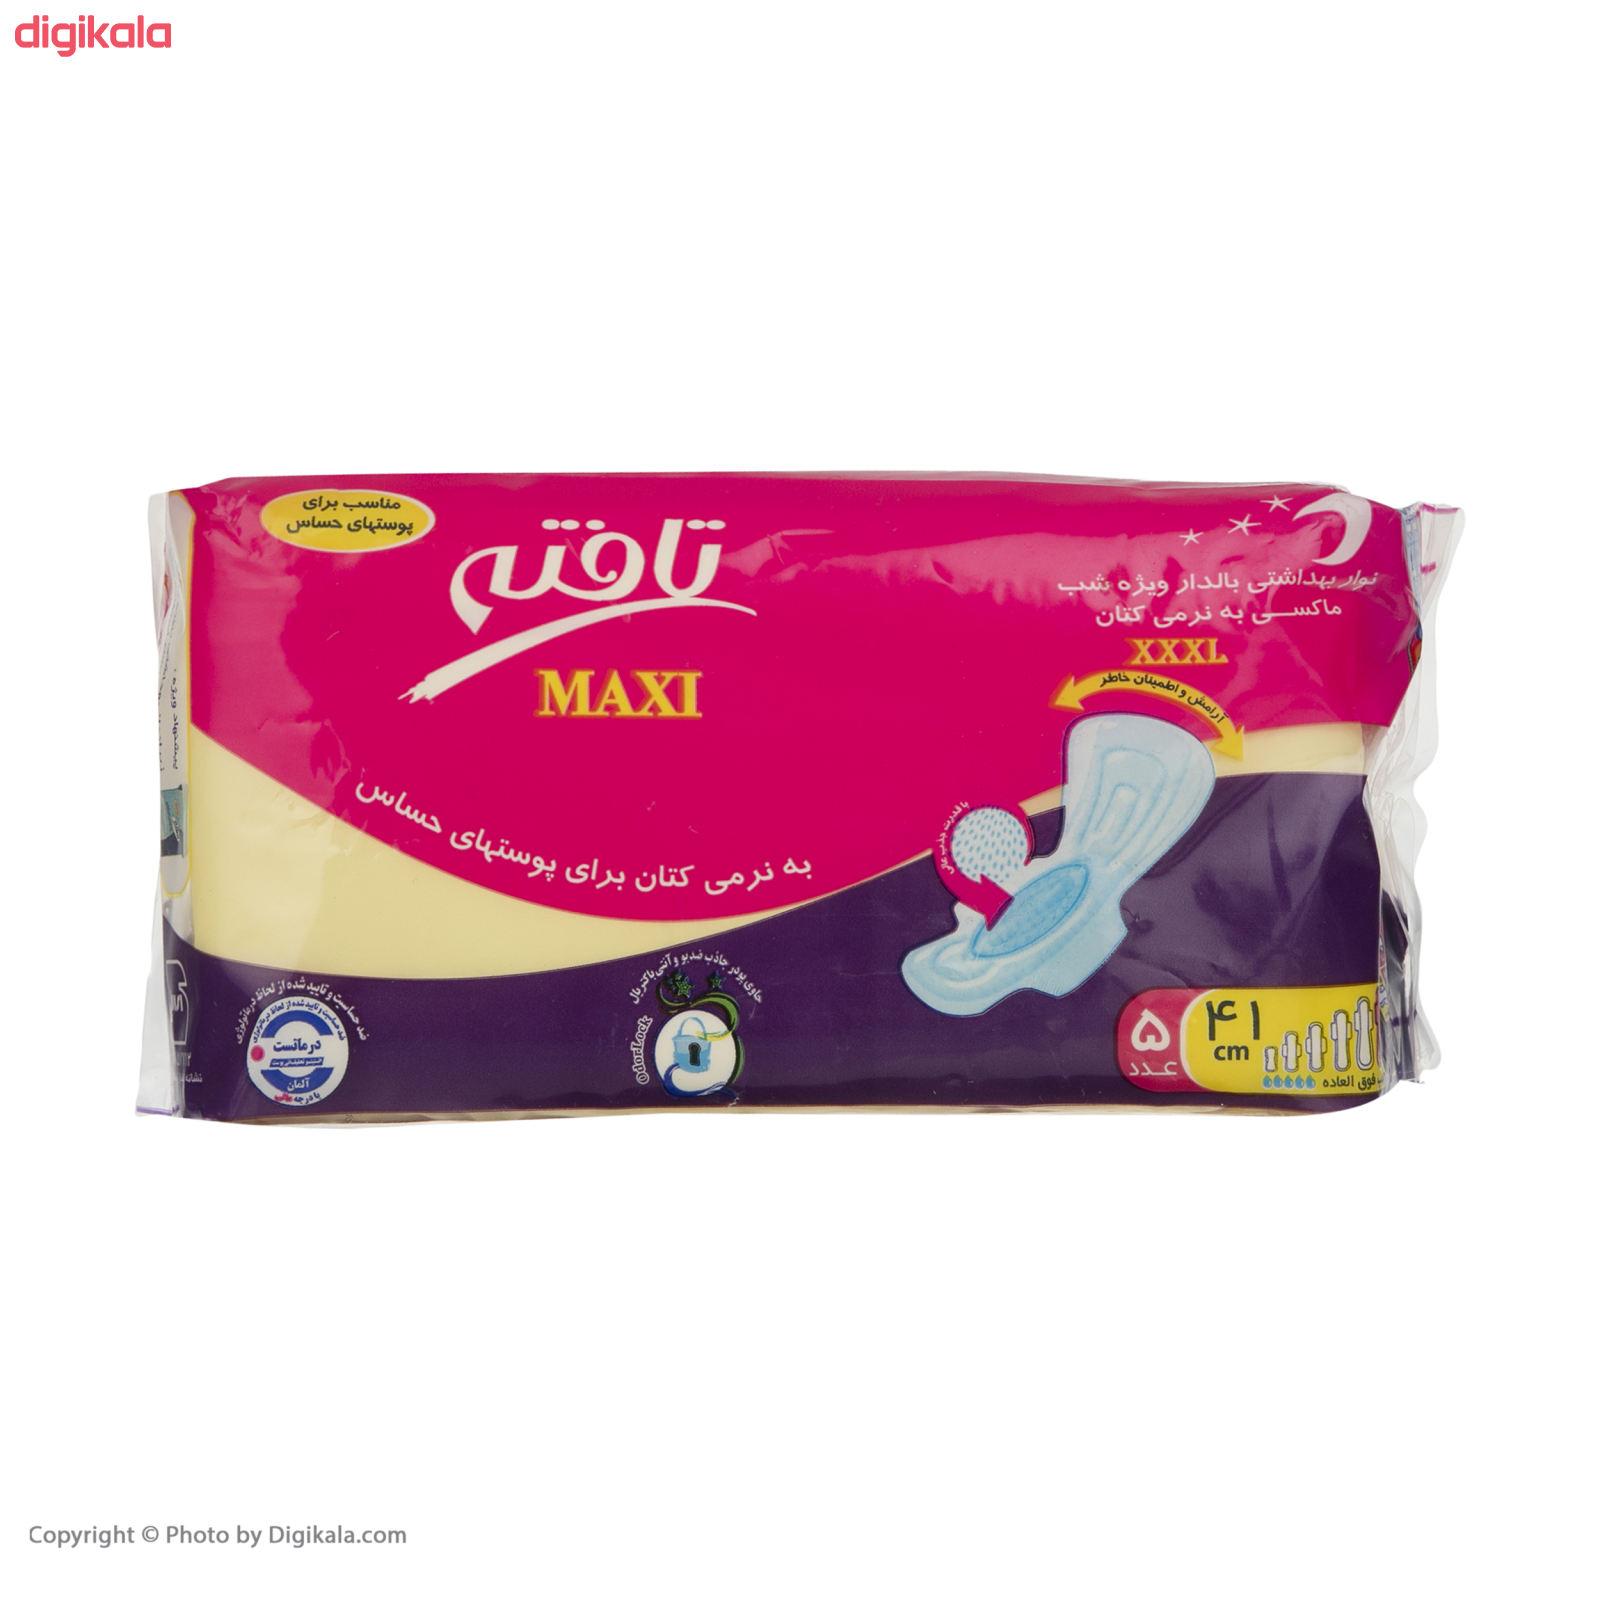 نوار بهداشتی بالدار تافته مدل Maxi ویژه شب سایز XXXL بسته 5 عددی main 1 1